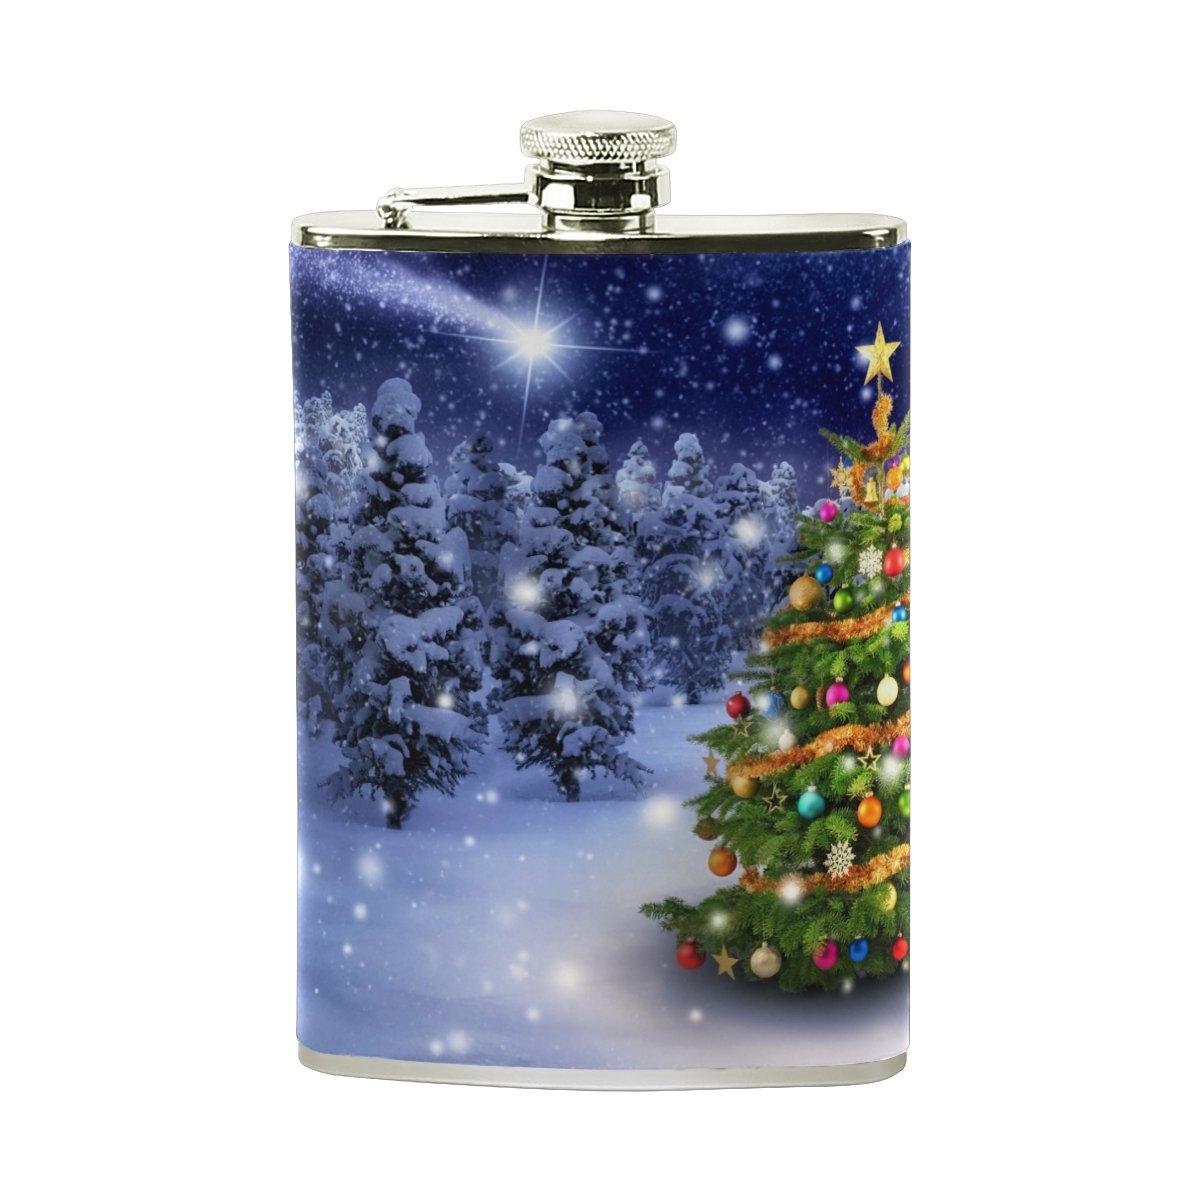 【在庫一掃】 Alazaクリスマスツリーヒップフラスコステンレススチール8オンスポケットショットのフラスコLiquor B075ZS8GGR Whiskey % VodkaラムPUレザーWrapped 100 Leak % Leak Proof B075ZS8GGR, 帆布バッグ登山用品のオクトス:858155f7 --- a0267596.xsph.ru